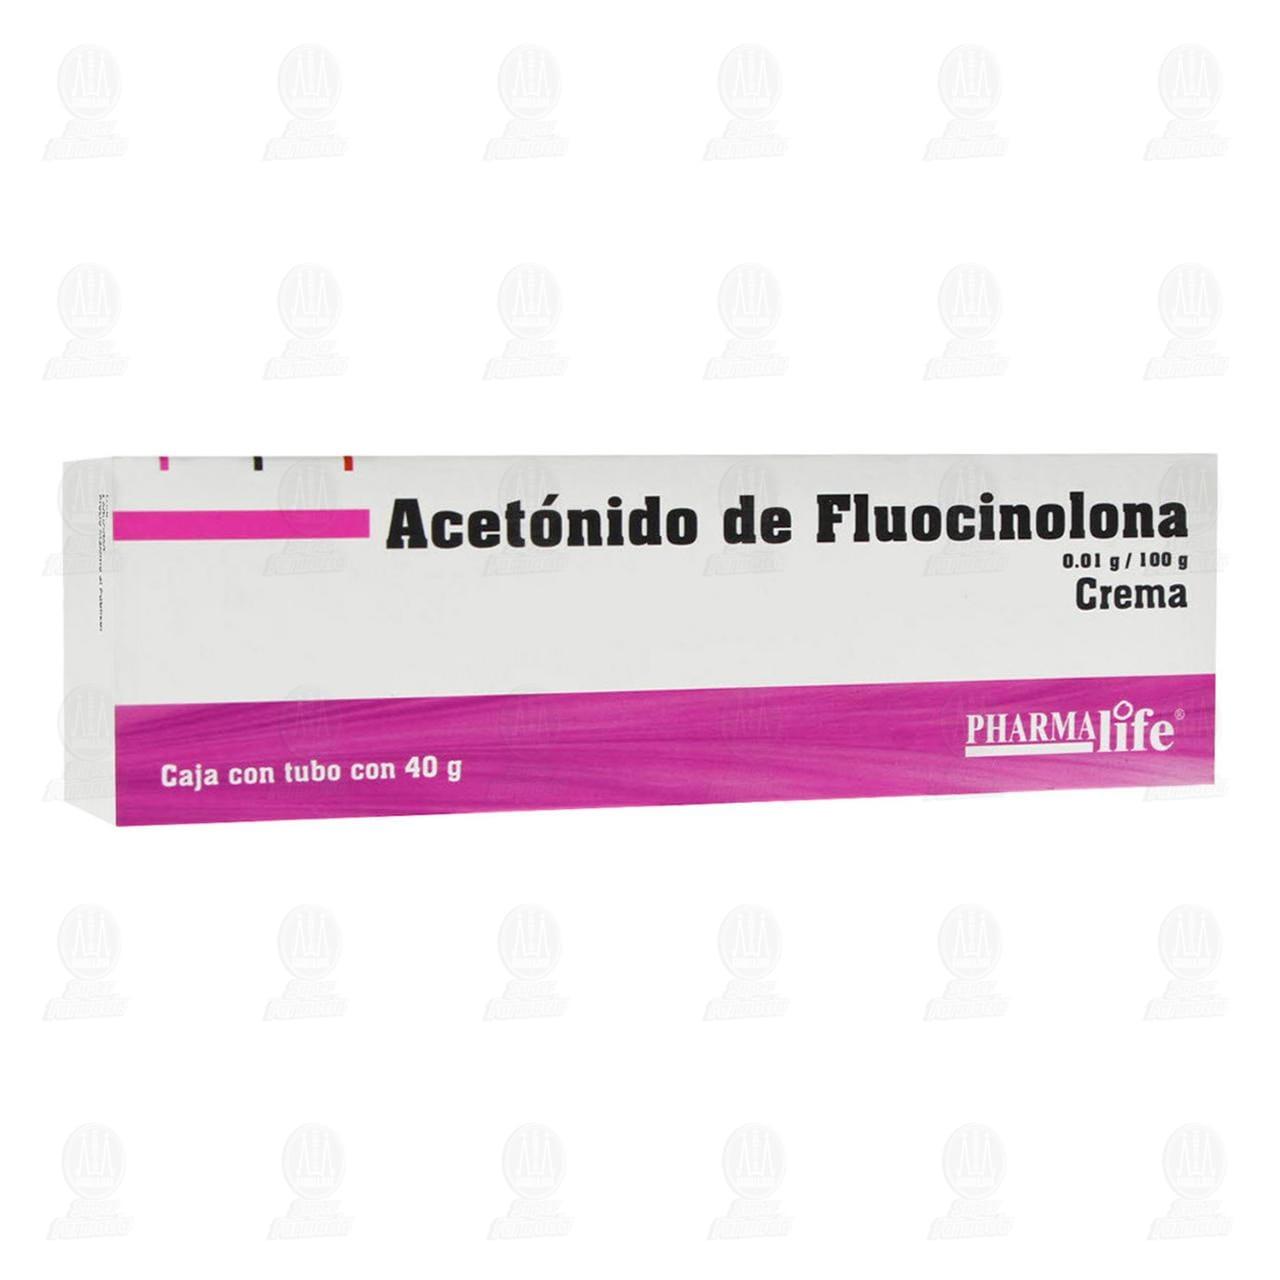 Comprar Acetónido Fluocinolona 40g Crema Pharmalife en Farmacias Guadalajara